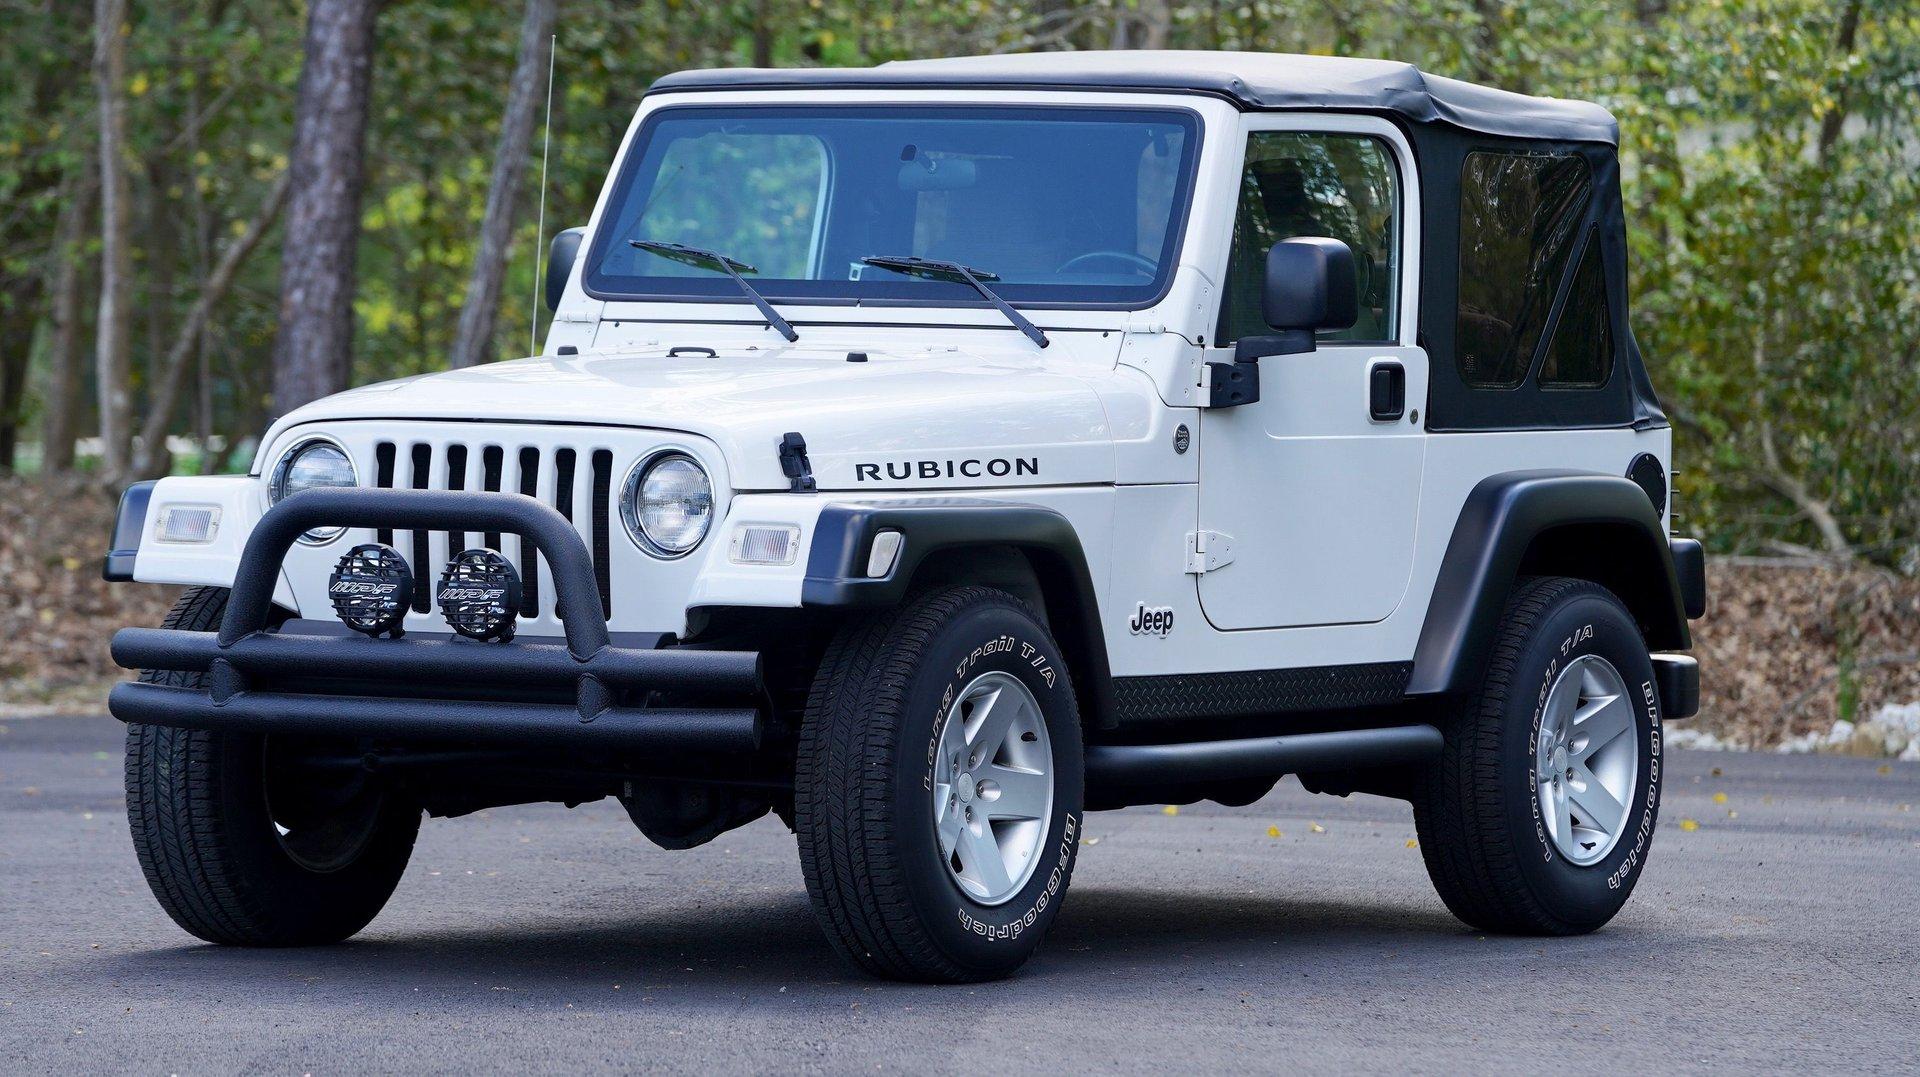 2005 jeep wrangler 2dr rubicon